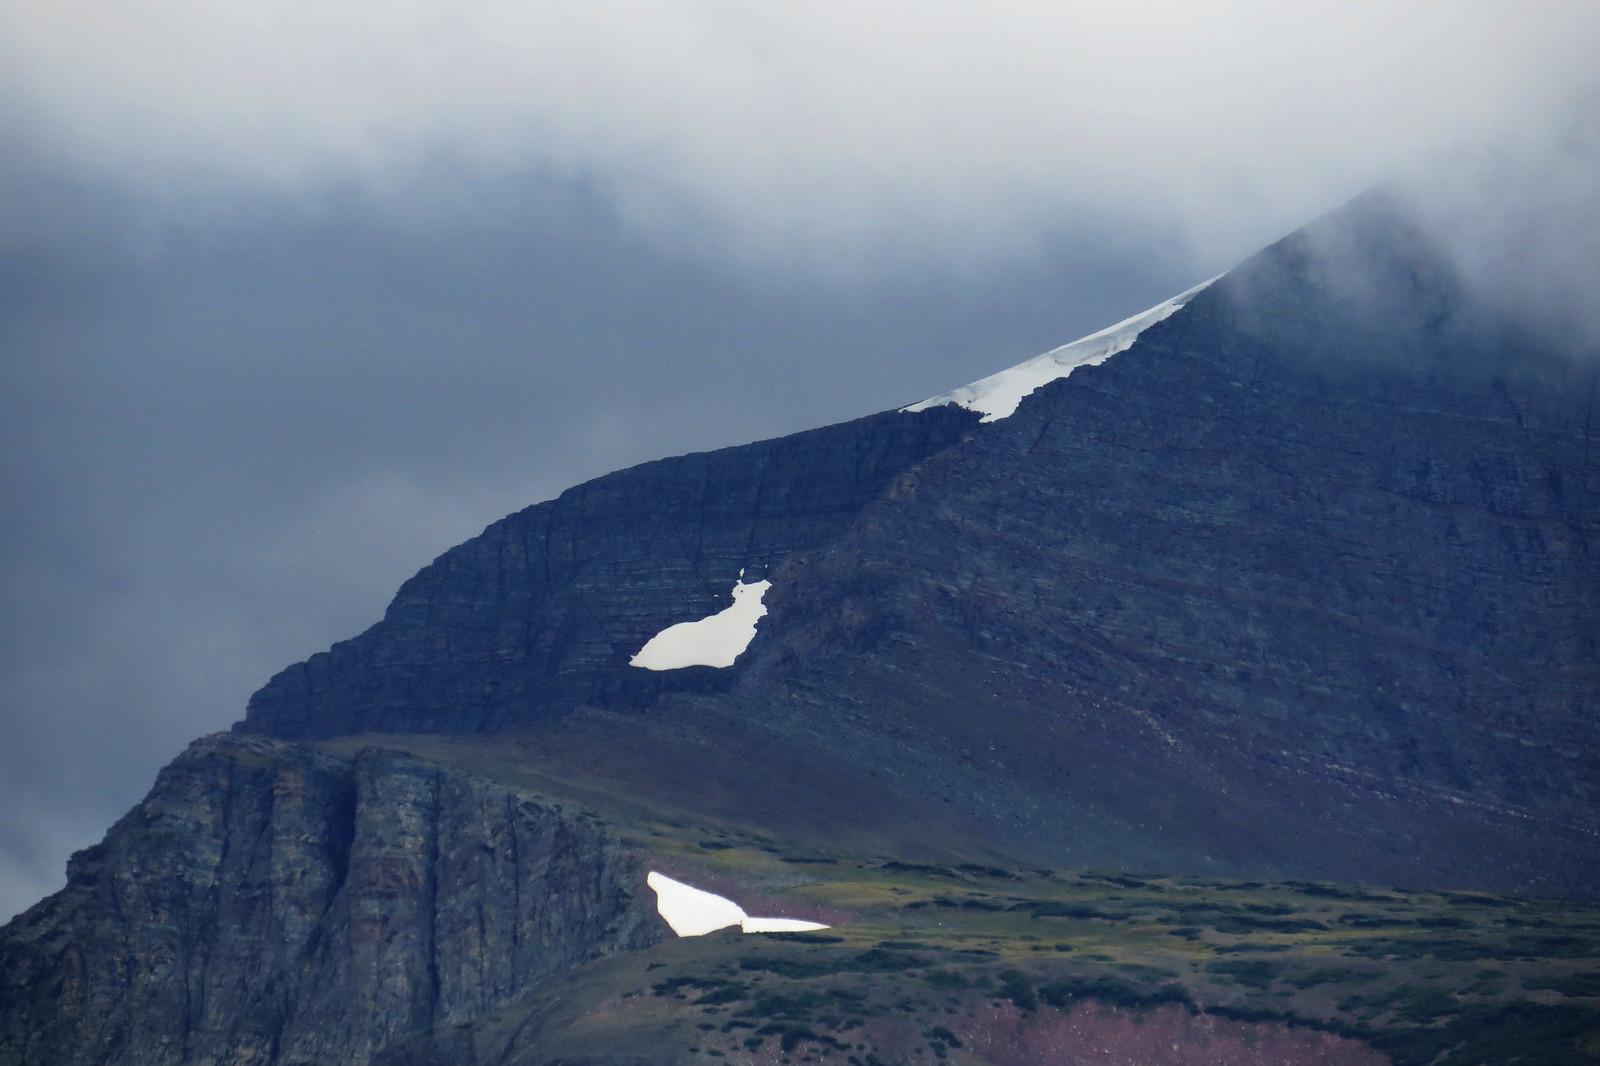 Appistoki Peak, Blackfeet Glacier, Montana